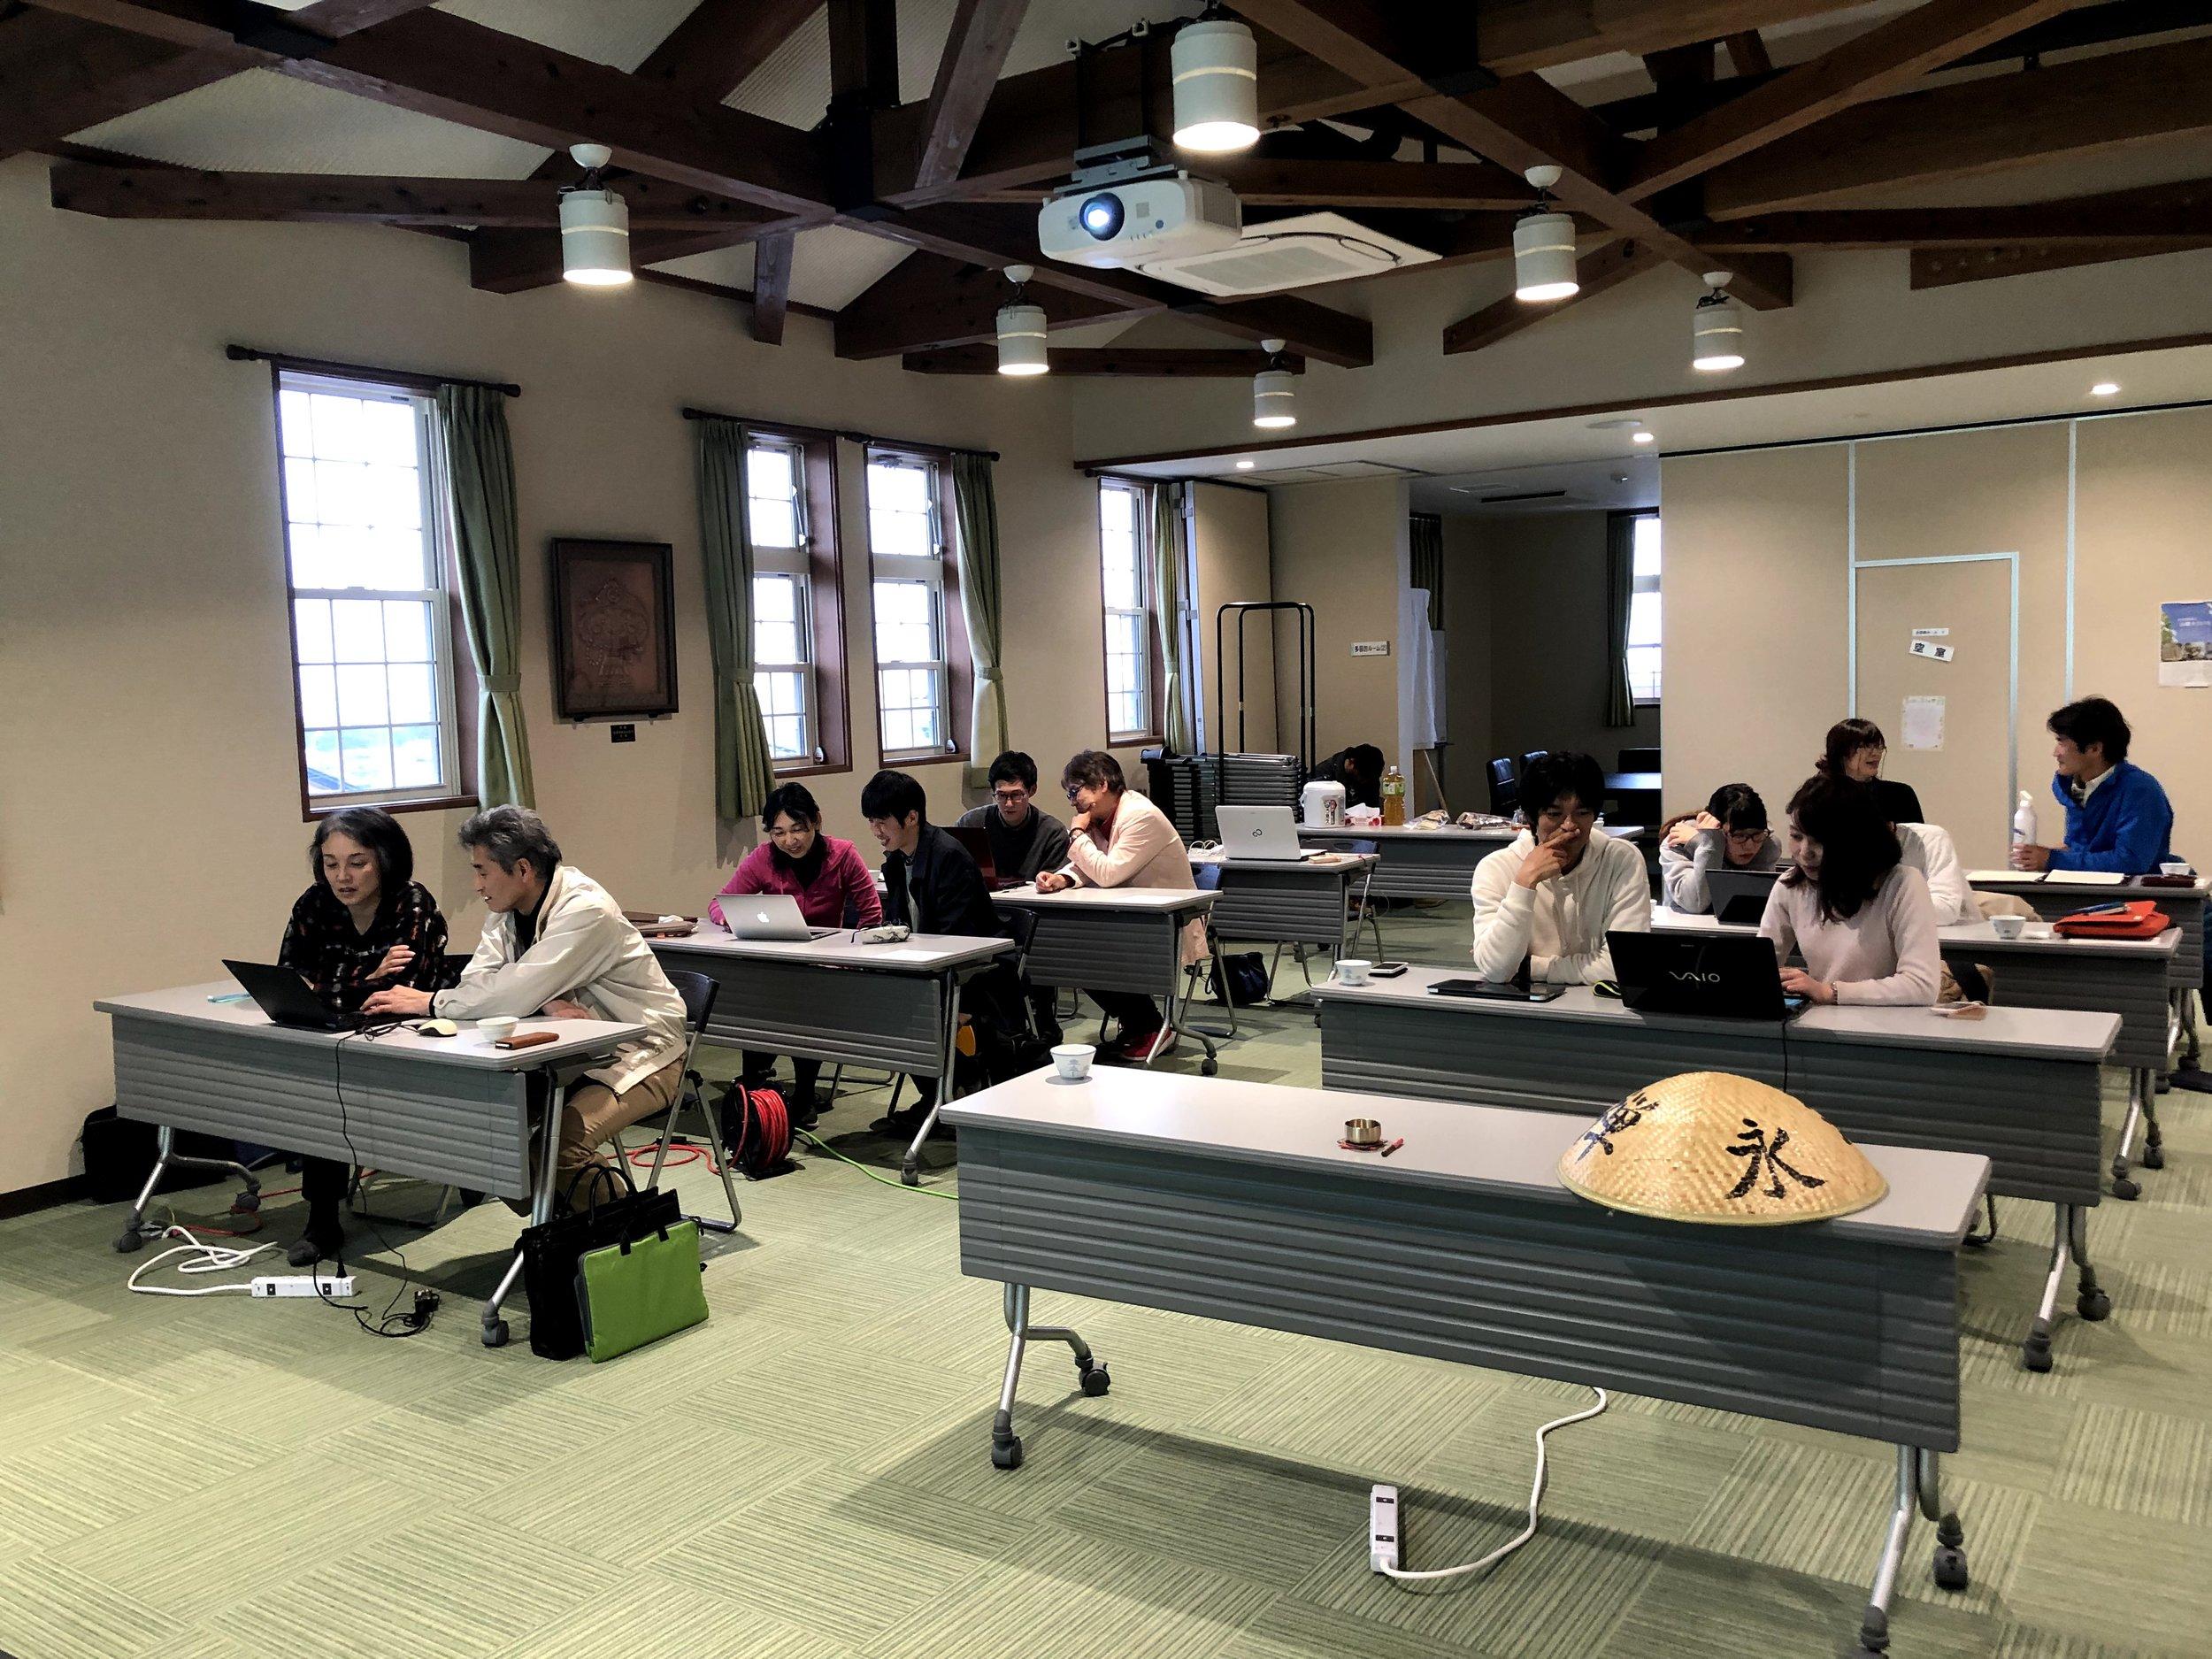 ペアプログラミングの姿 / Participants pair programming